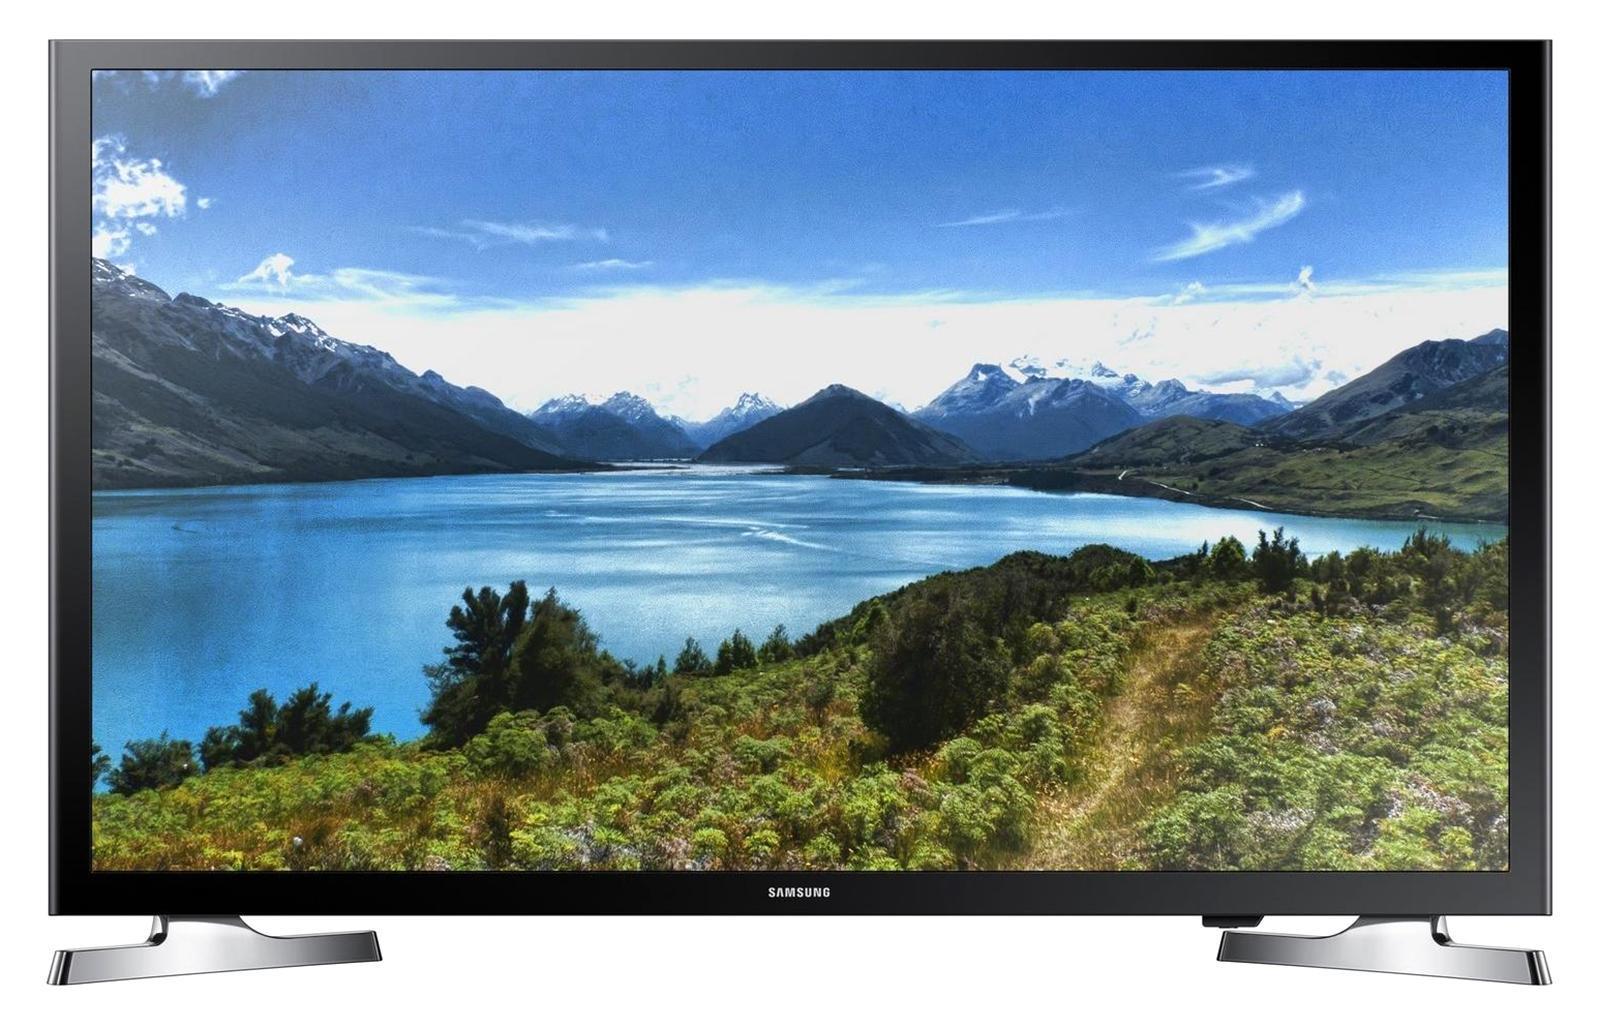 Samsung UE-32J4500AKX телевизор32J4500Новый Smart телевизор Samsung исключительно прост в использовании. Новый пользовательский интерфейс интуитивно понятен и включает только то, что вам нужно. Возможность обмена контентом между телевизором и мобильными устройствами и наоборот стала еще удобнее. А поскольку телевизор работает на новой ОС Tizen, для вас открывается бесконечное разнообразие нового контента. Благодаря функции ConnectShare Movie вы можете просто вставить ваш USB-накопитель или жесткий диск в USB-разъем телевизора, чтобы записанные на носителе фильмы, фото или музыка начали воспроизводиться на экране телевизора.